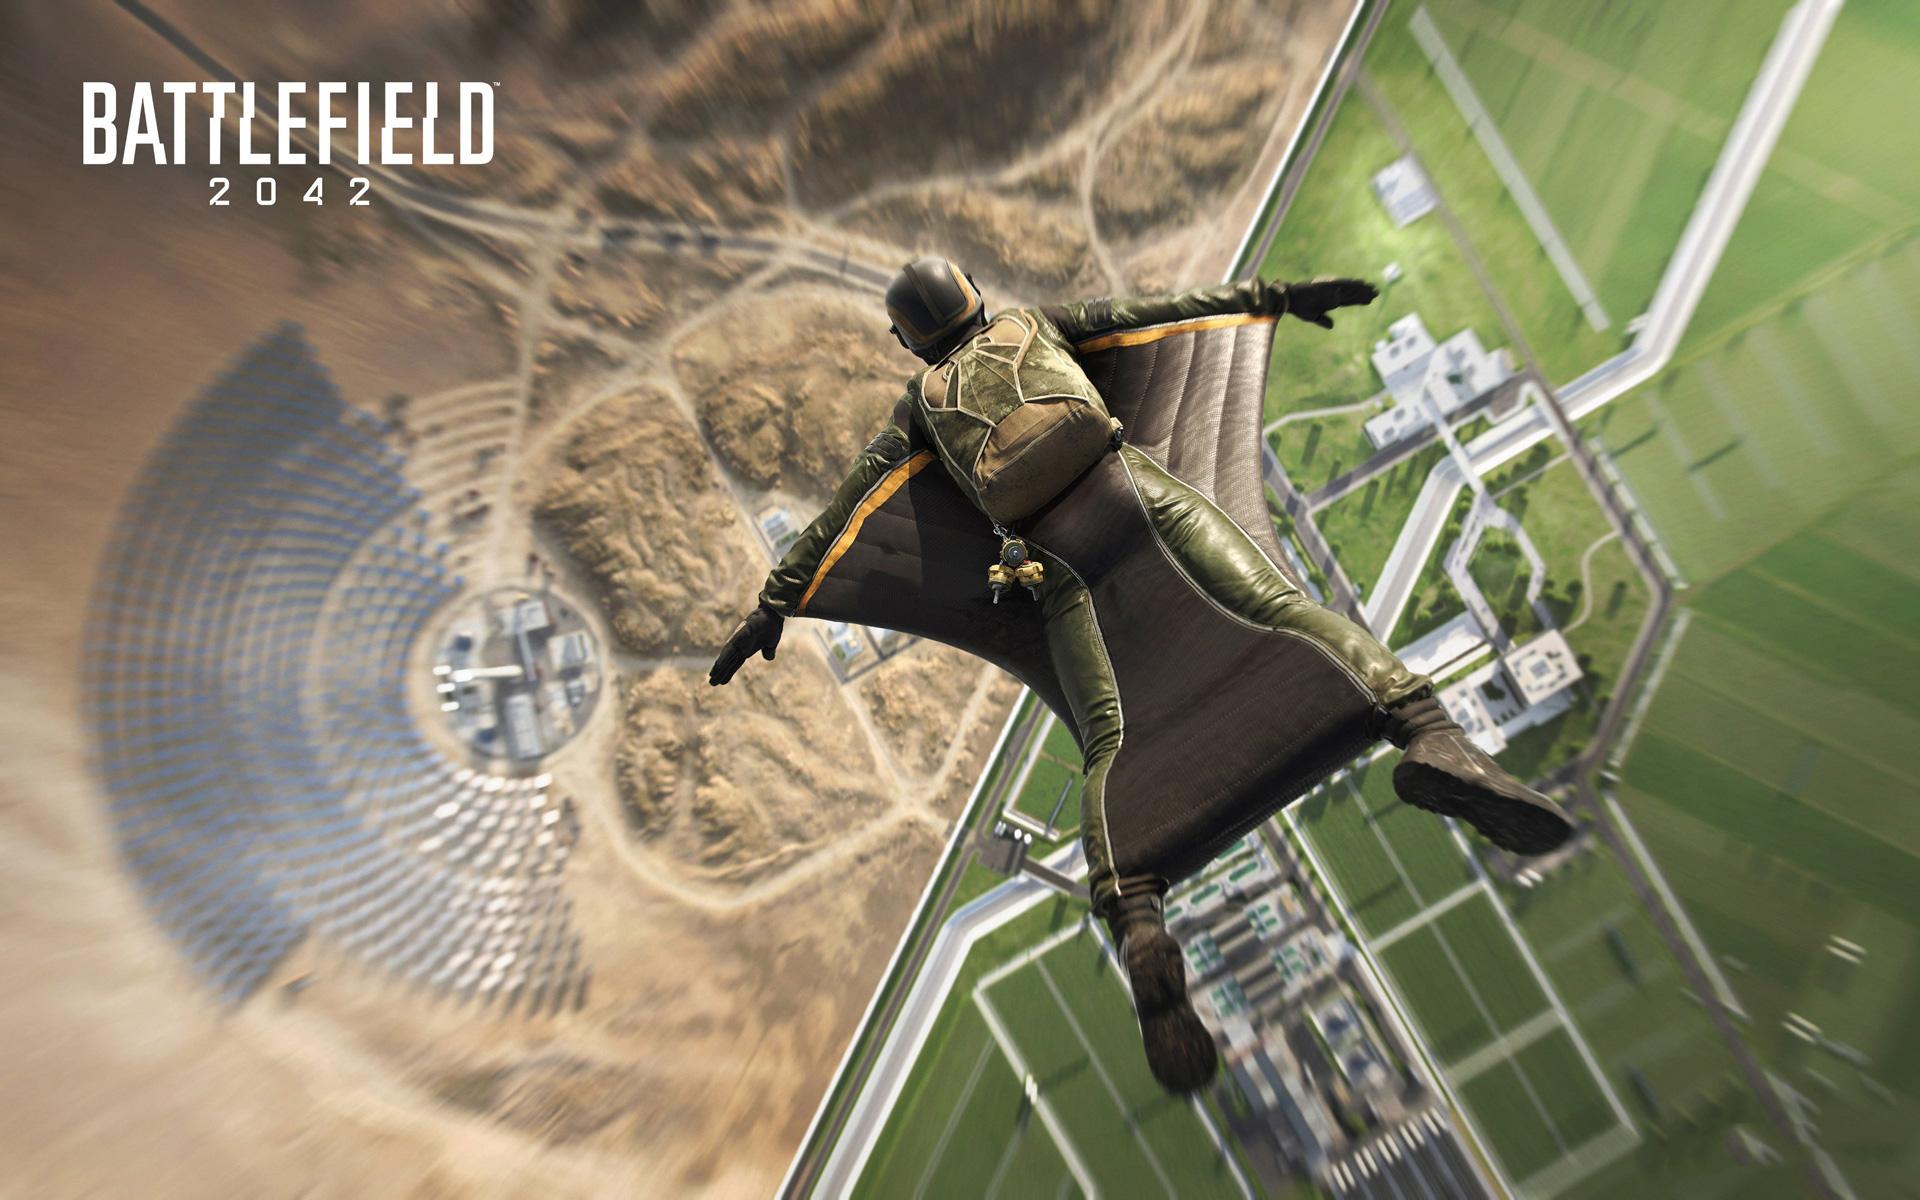 Free Battlefield 2042 Wallpaper in 1920x1200